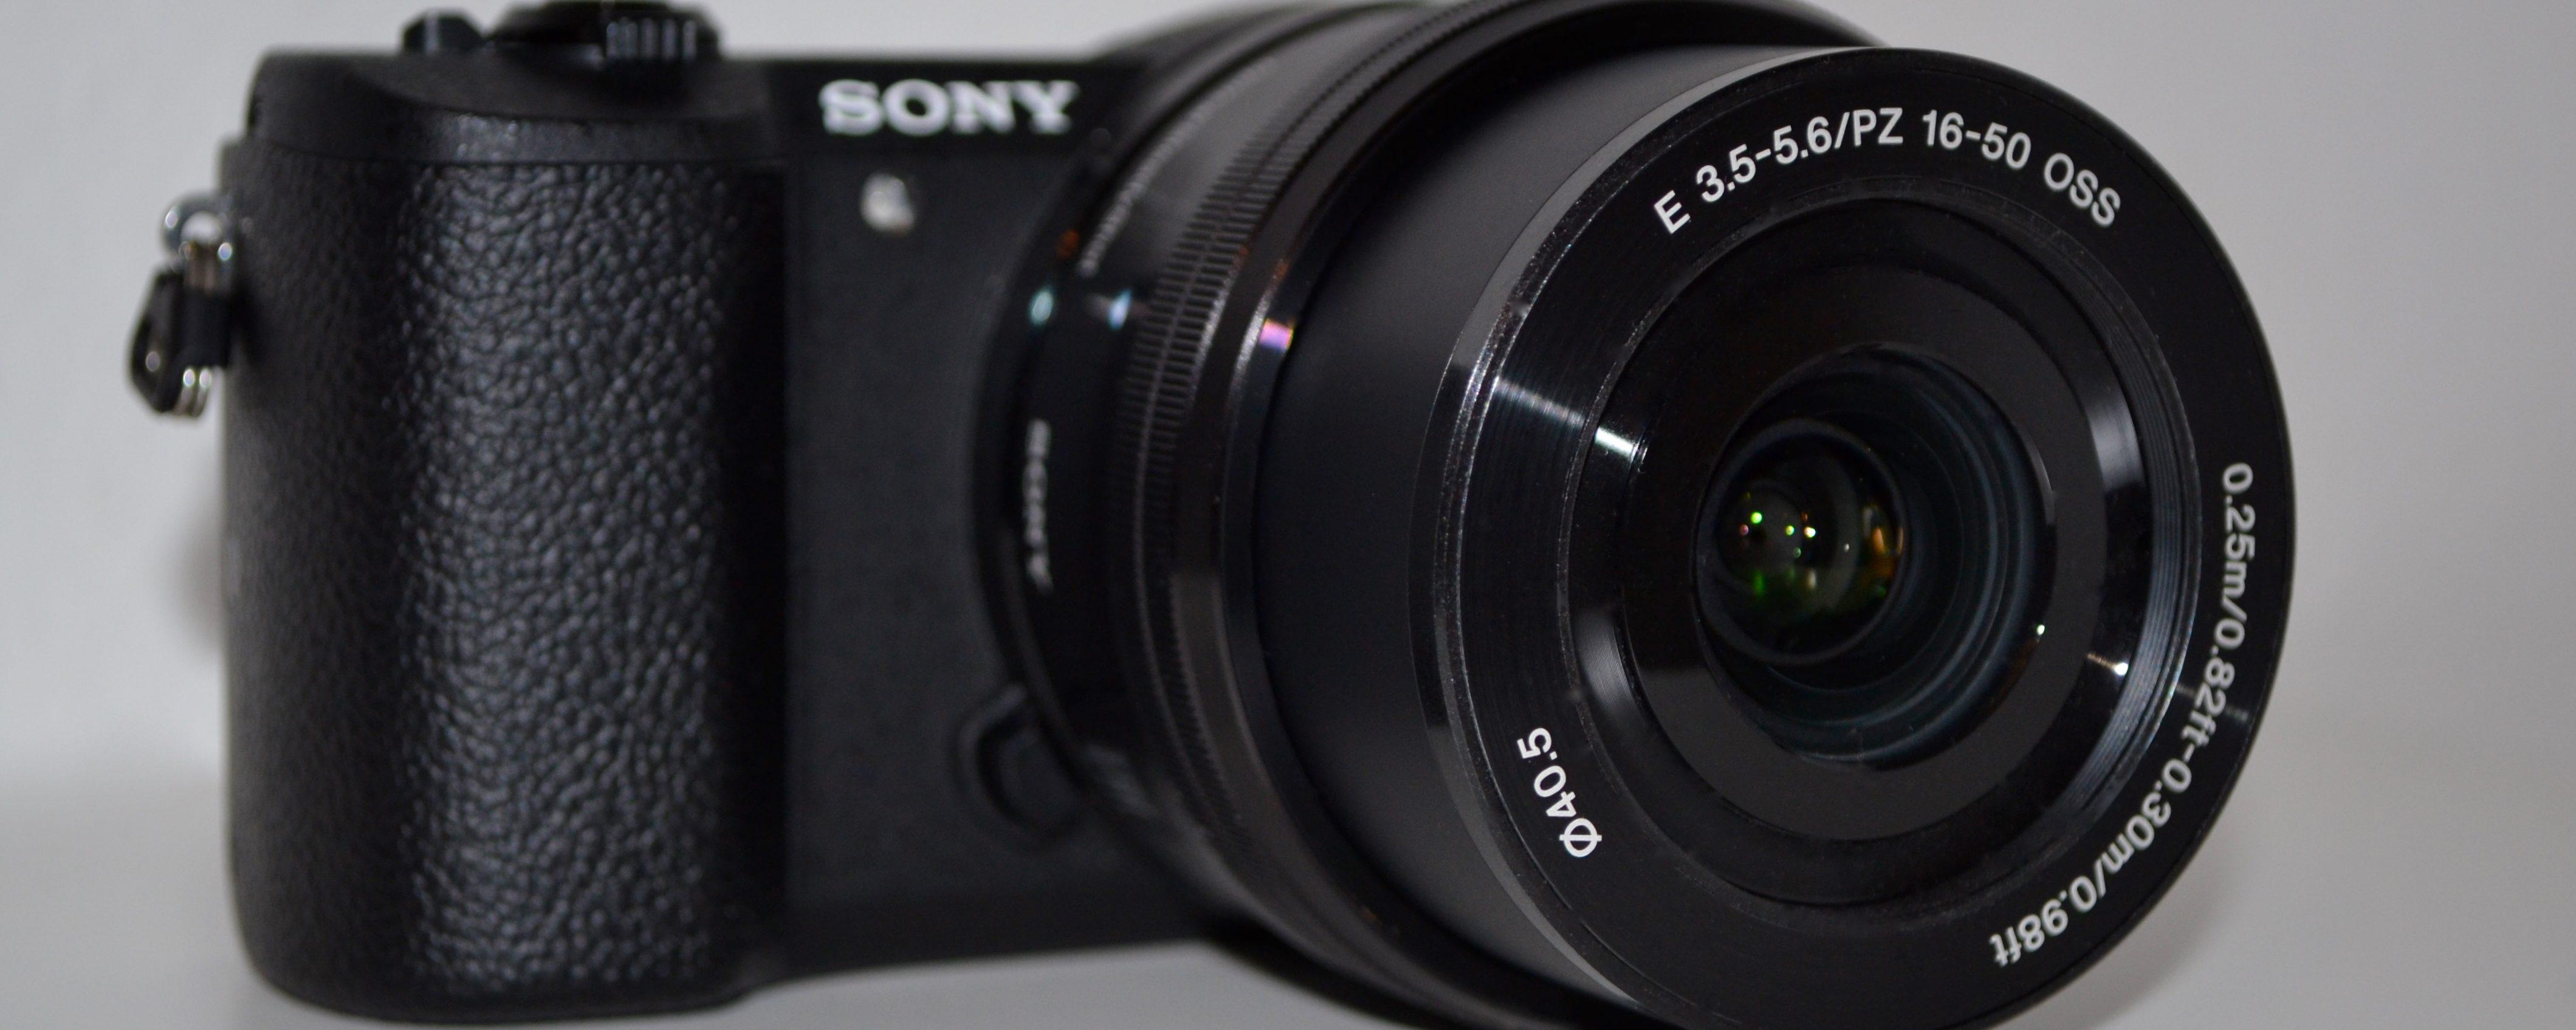 camera sony theme minimalism 4239x1695